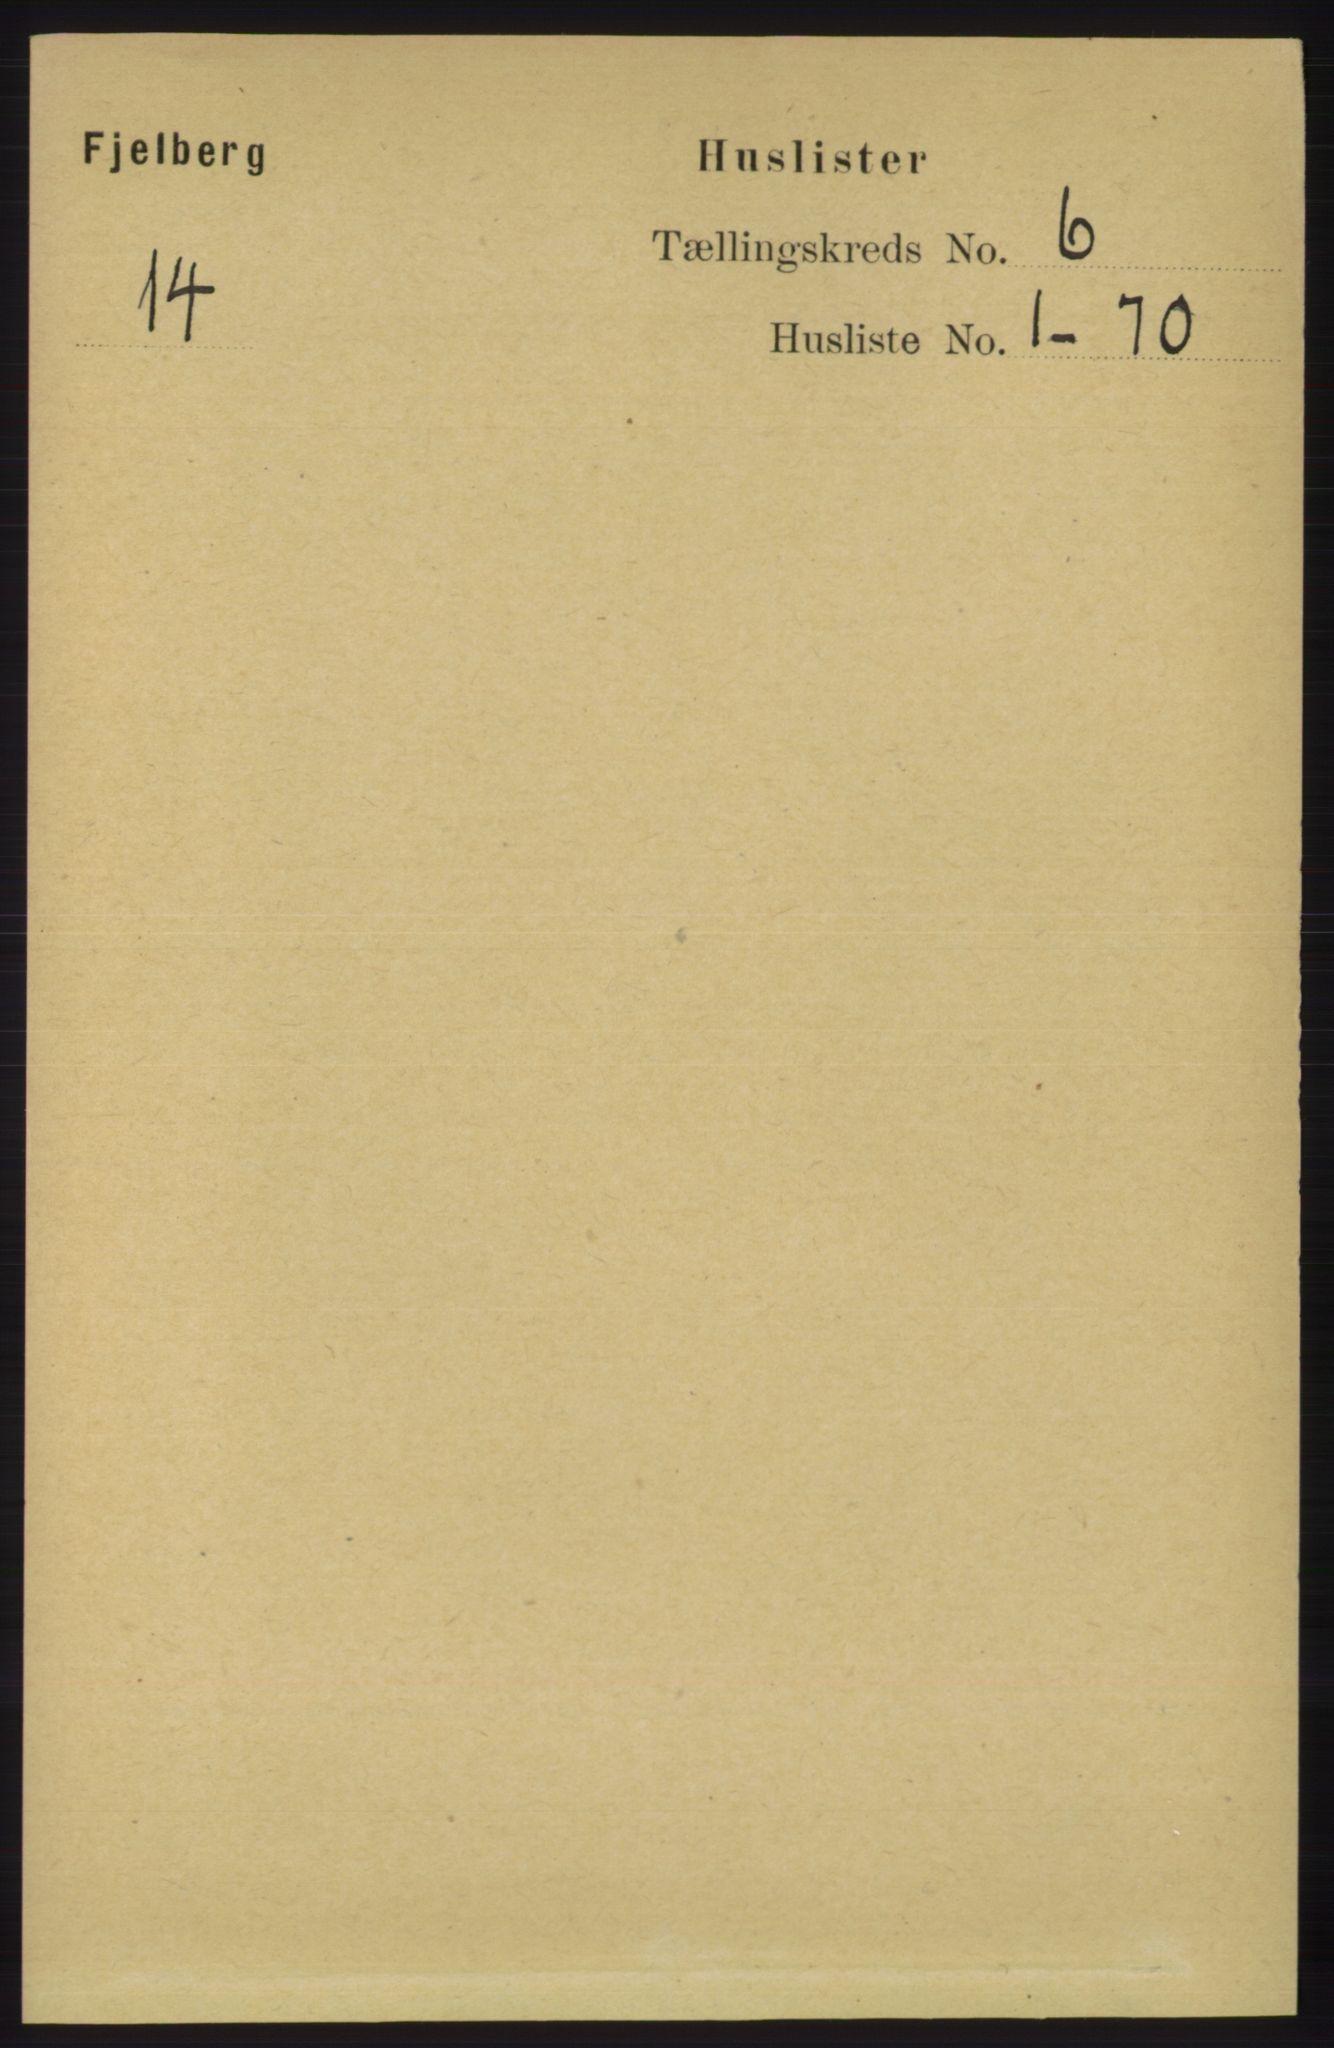 RA, Folketelling 1891 for 1213 Fjelberg herred, 1891, s. 1879